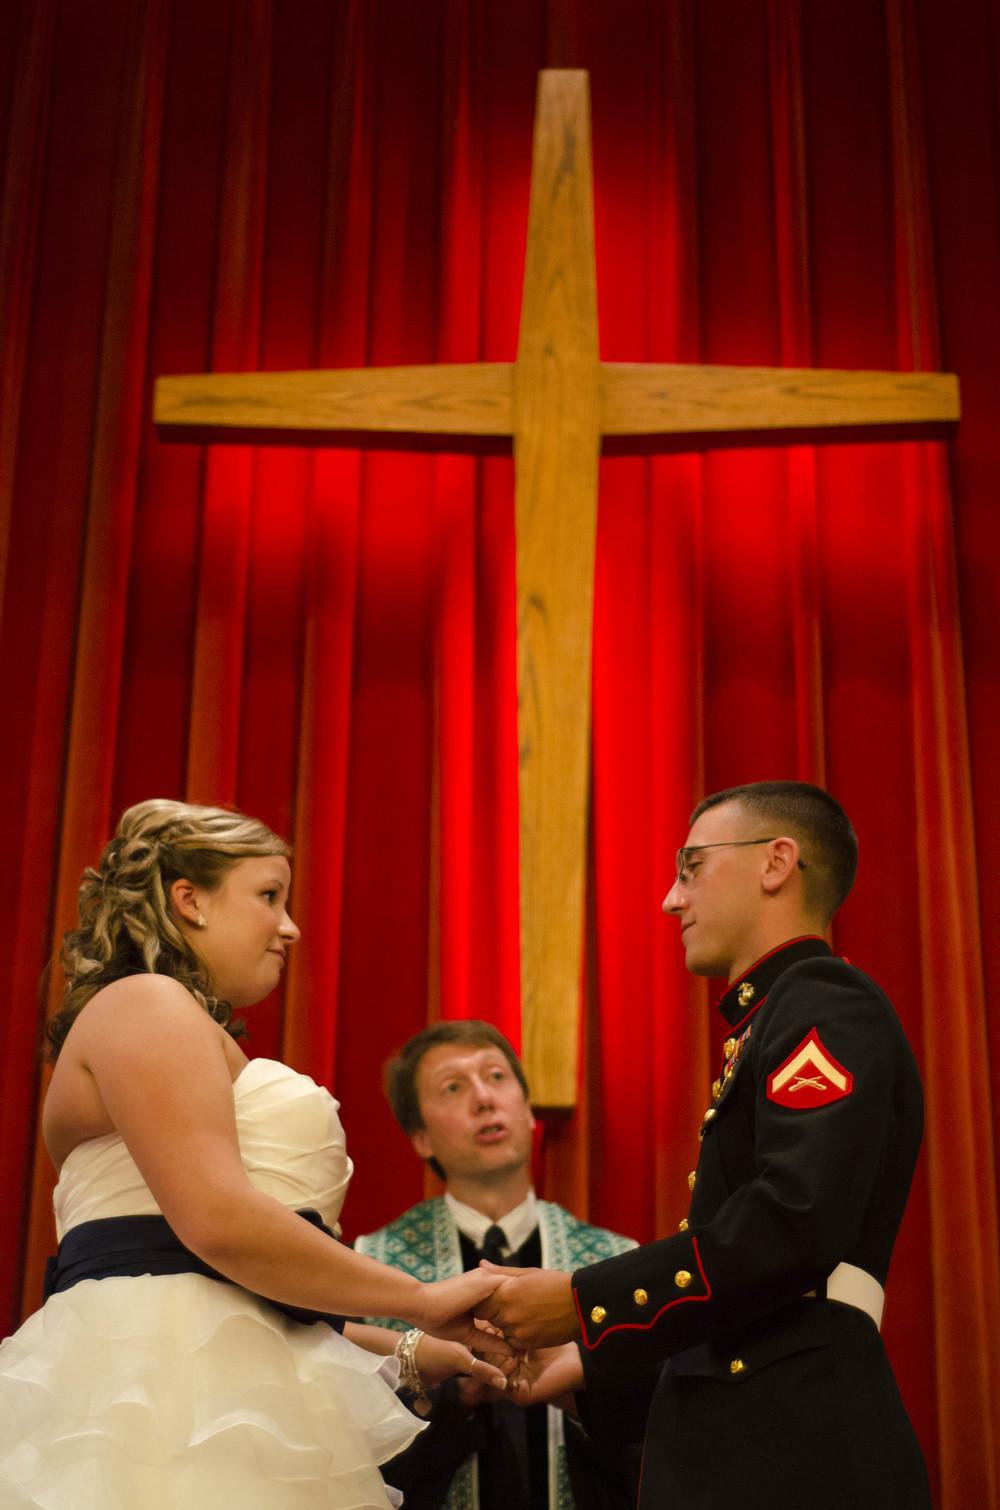 Kutz Wedding (40 of 47).jpg